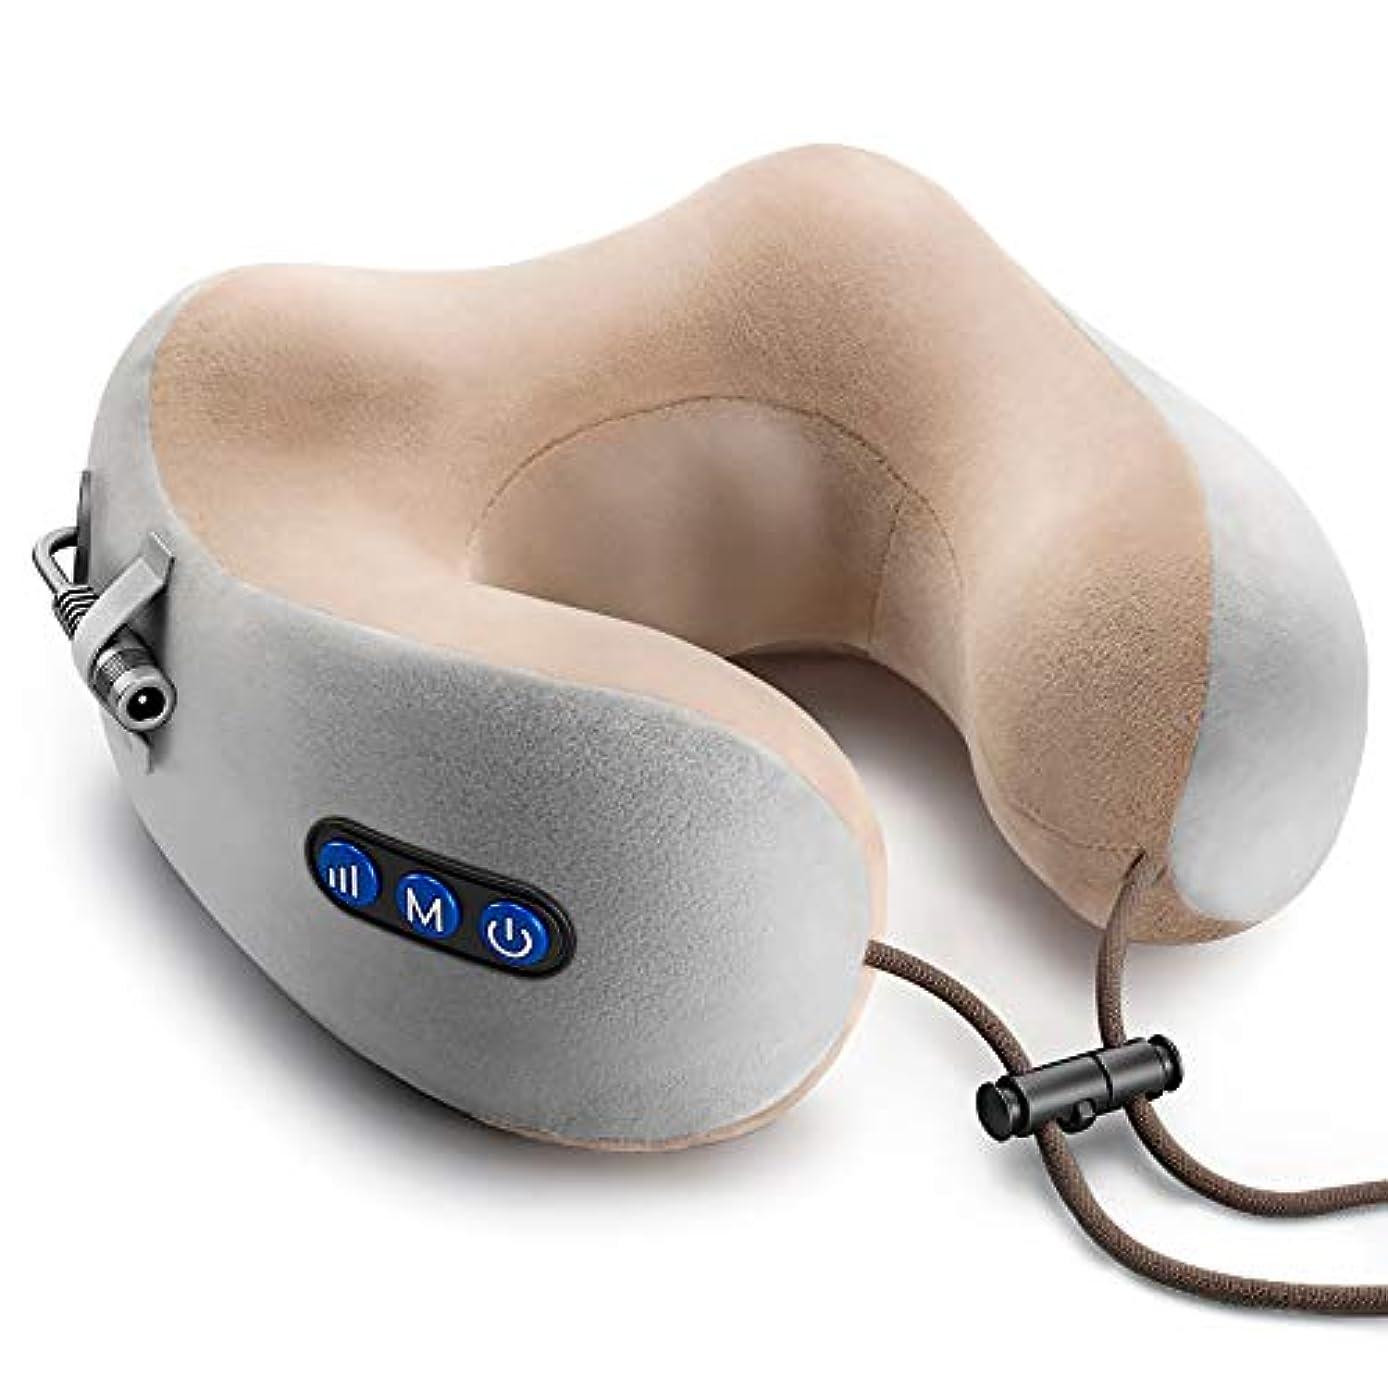 偏心鉛葬儀首マッサージャー ネックマッサージャー U型 USB充電式 3モード 低反発ネックマッサージピロー 自動オフ機能 肩こり ストレス解消 多機能 人間工学 日本語取扱説明書付 プレゼント